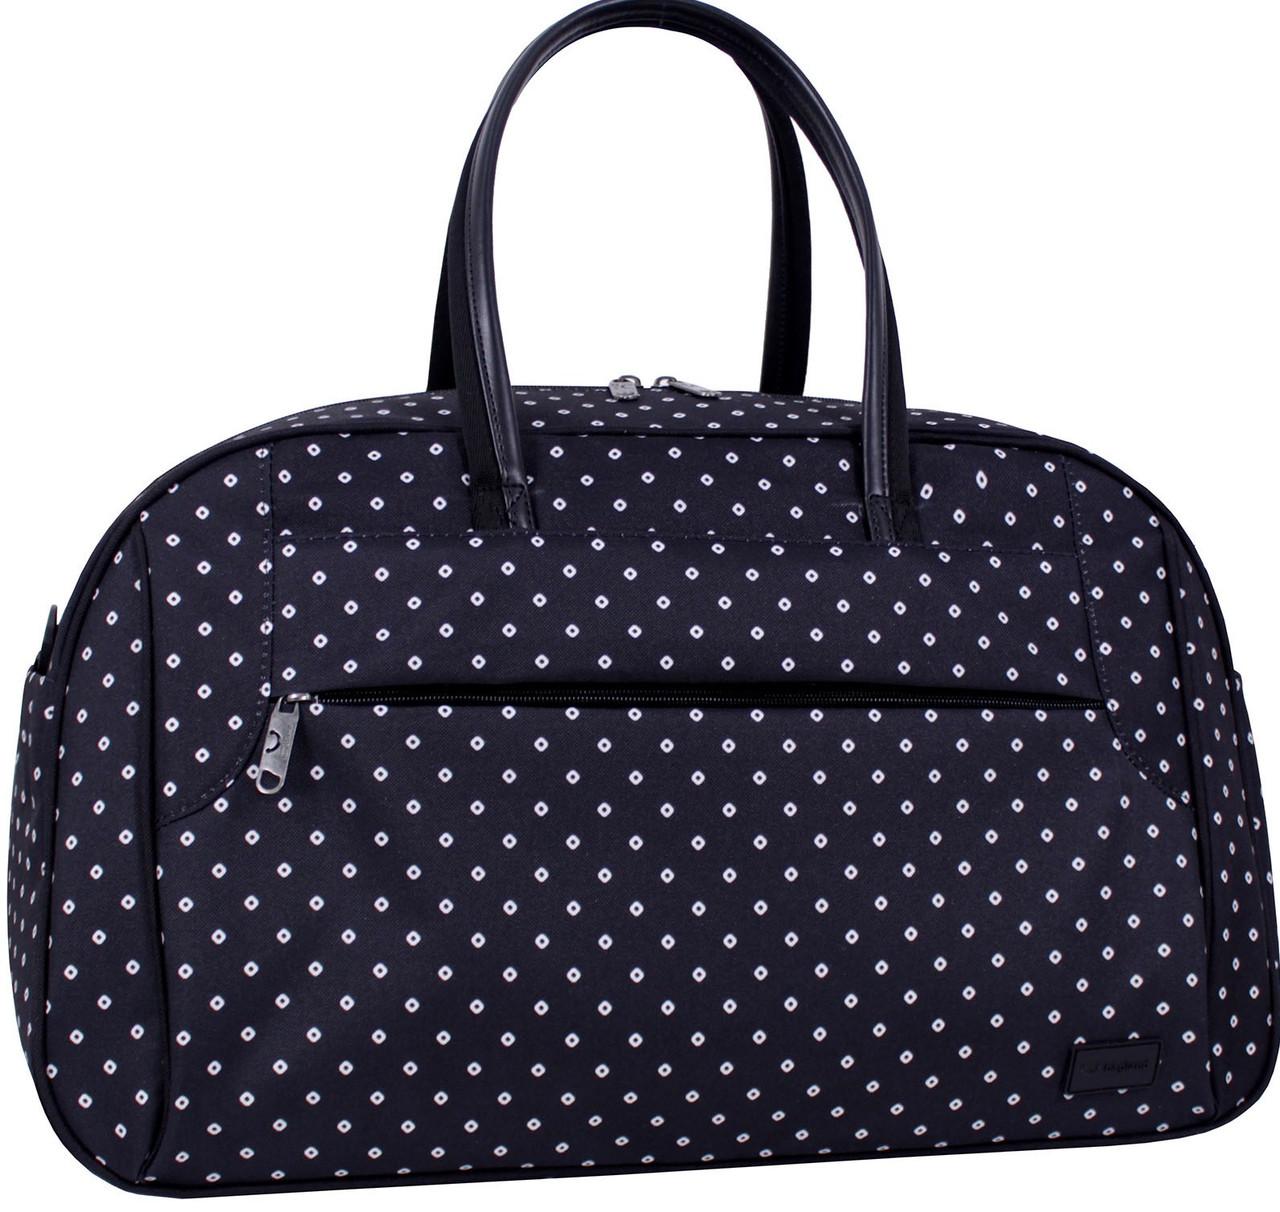 6a672a2c208f Дорожная сумка Bagland Тунис 00390664 (462) черная 34 л — только ...